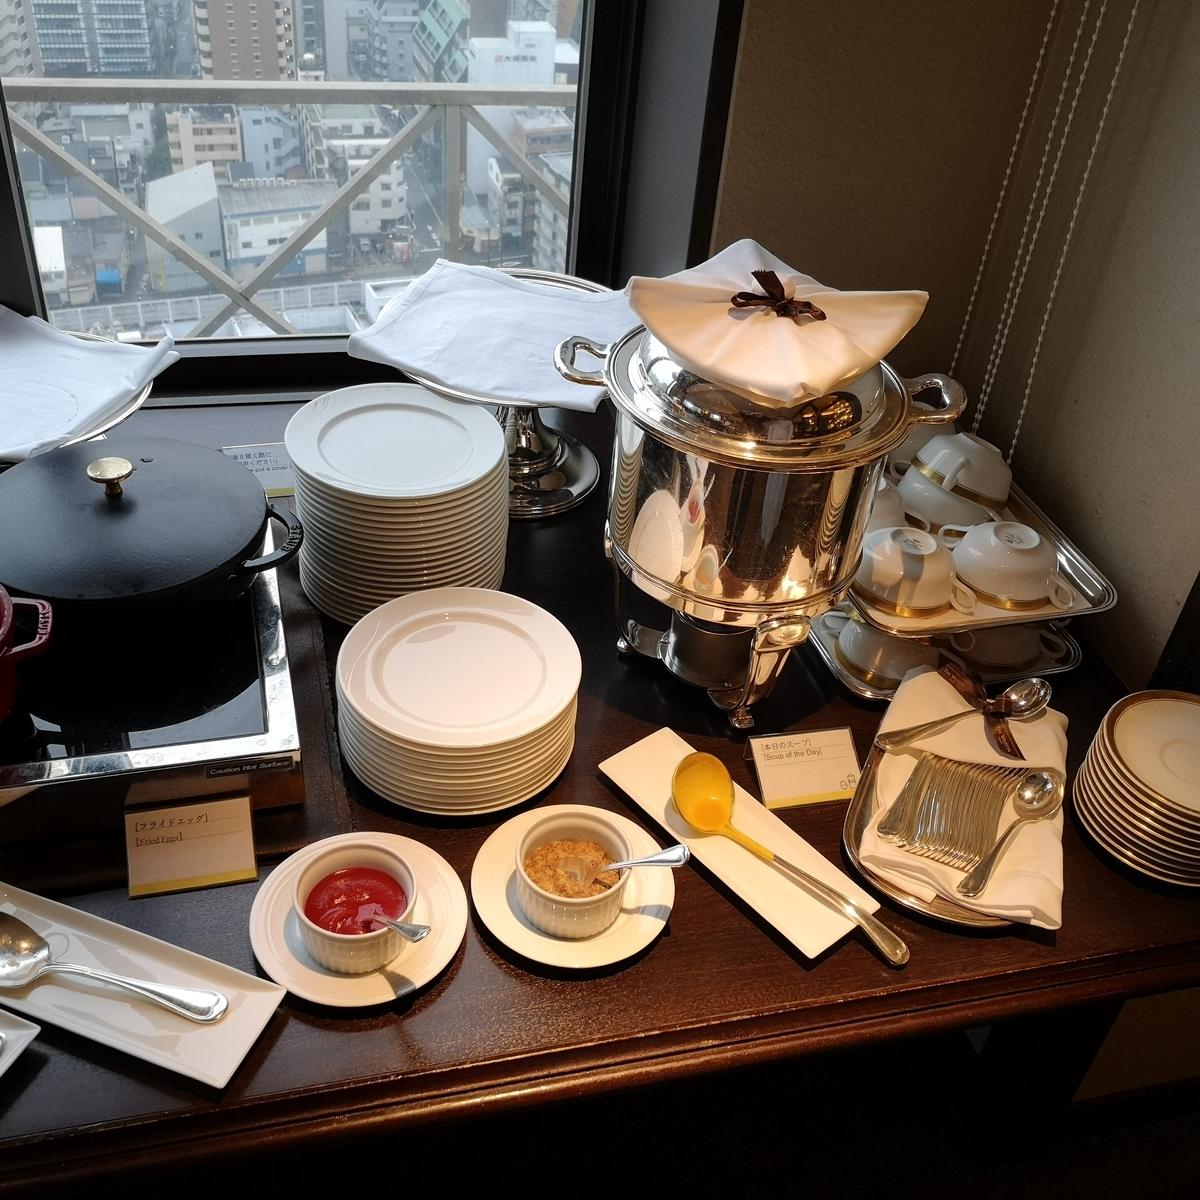 ウェスティンホテル大阪 エグゼクティブラウンジ 朝食